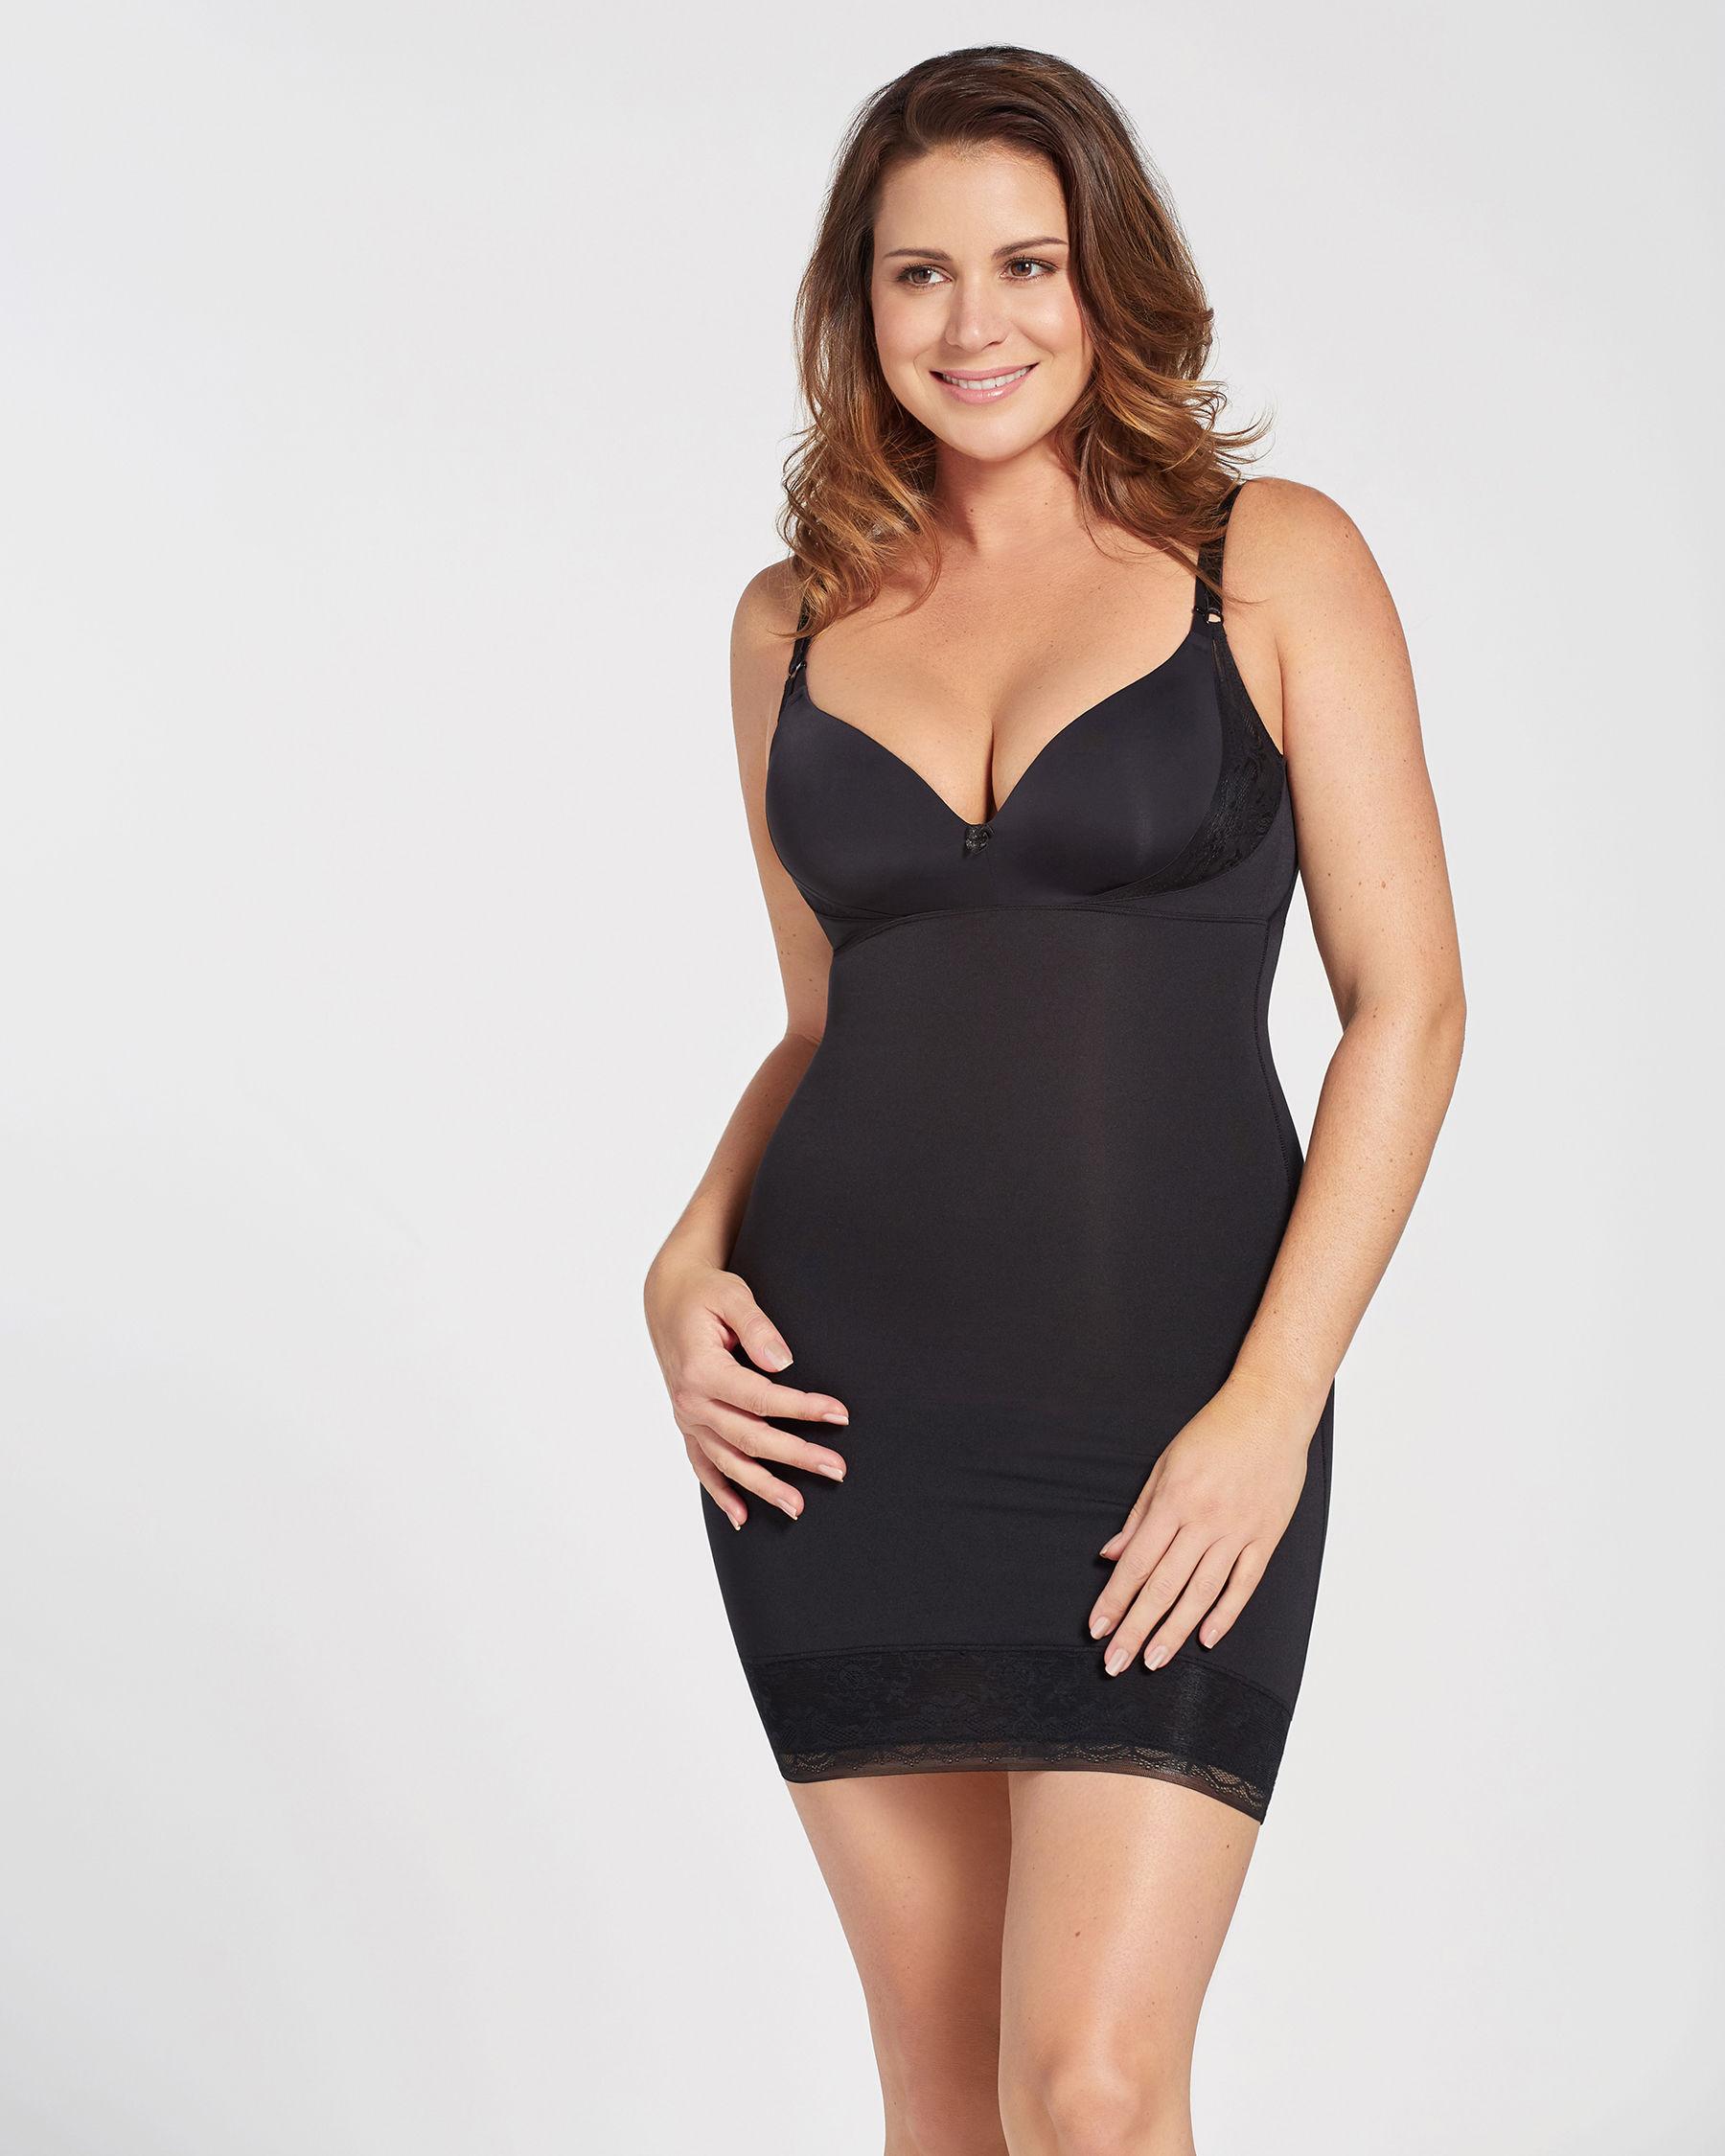 LA VIE EN ROSE Dress Control Black 897-126-0-00 - View1